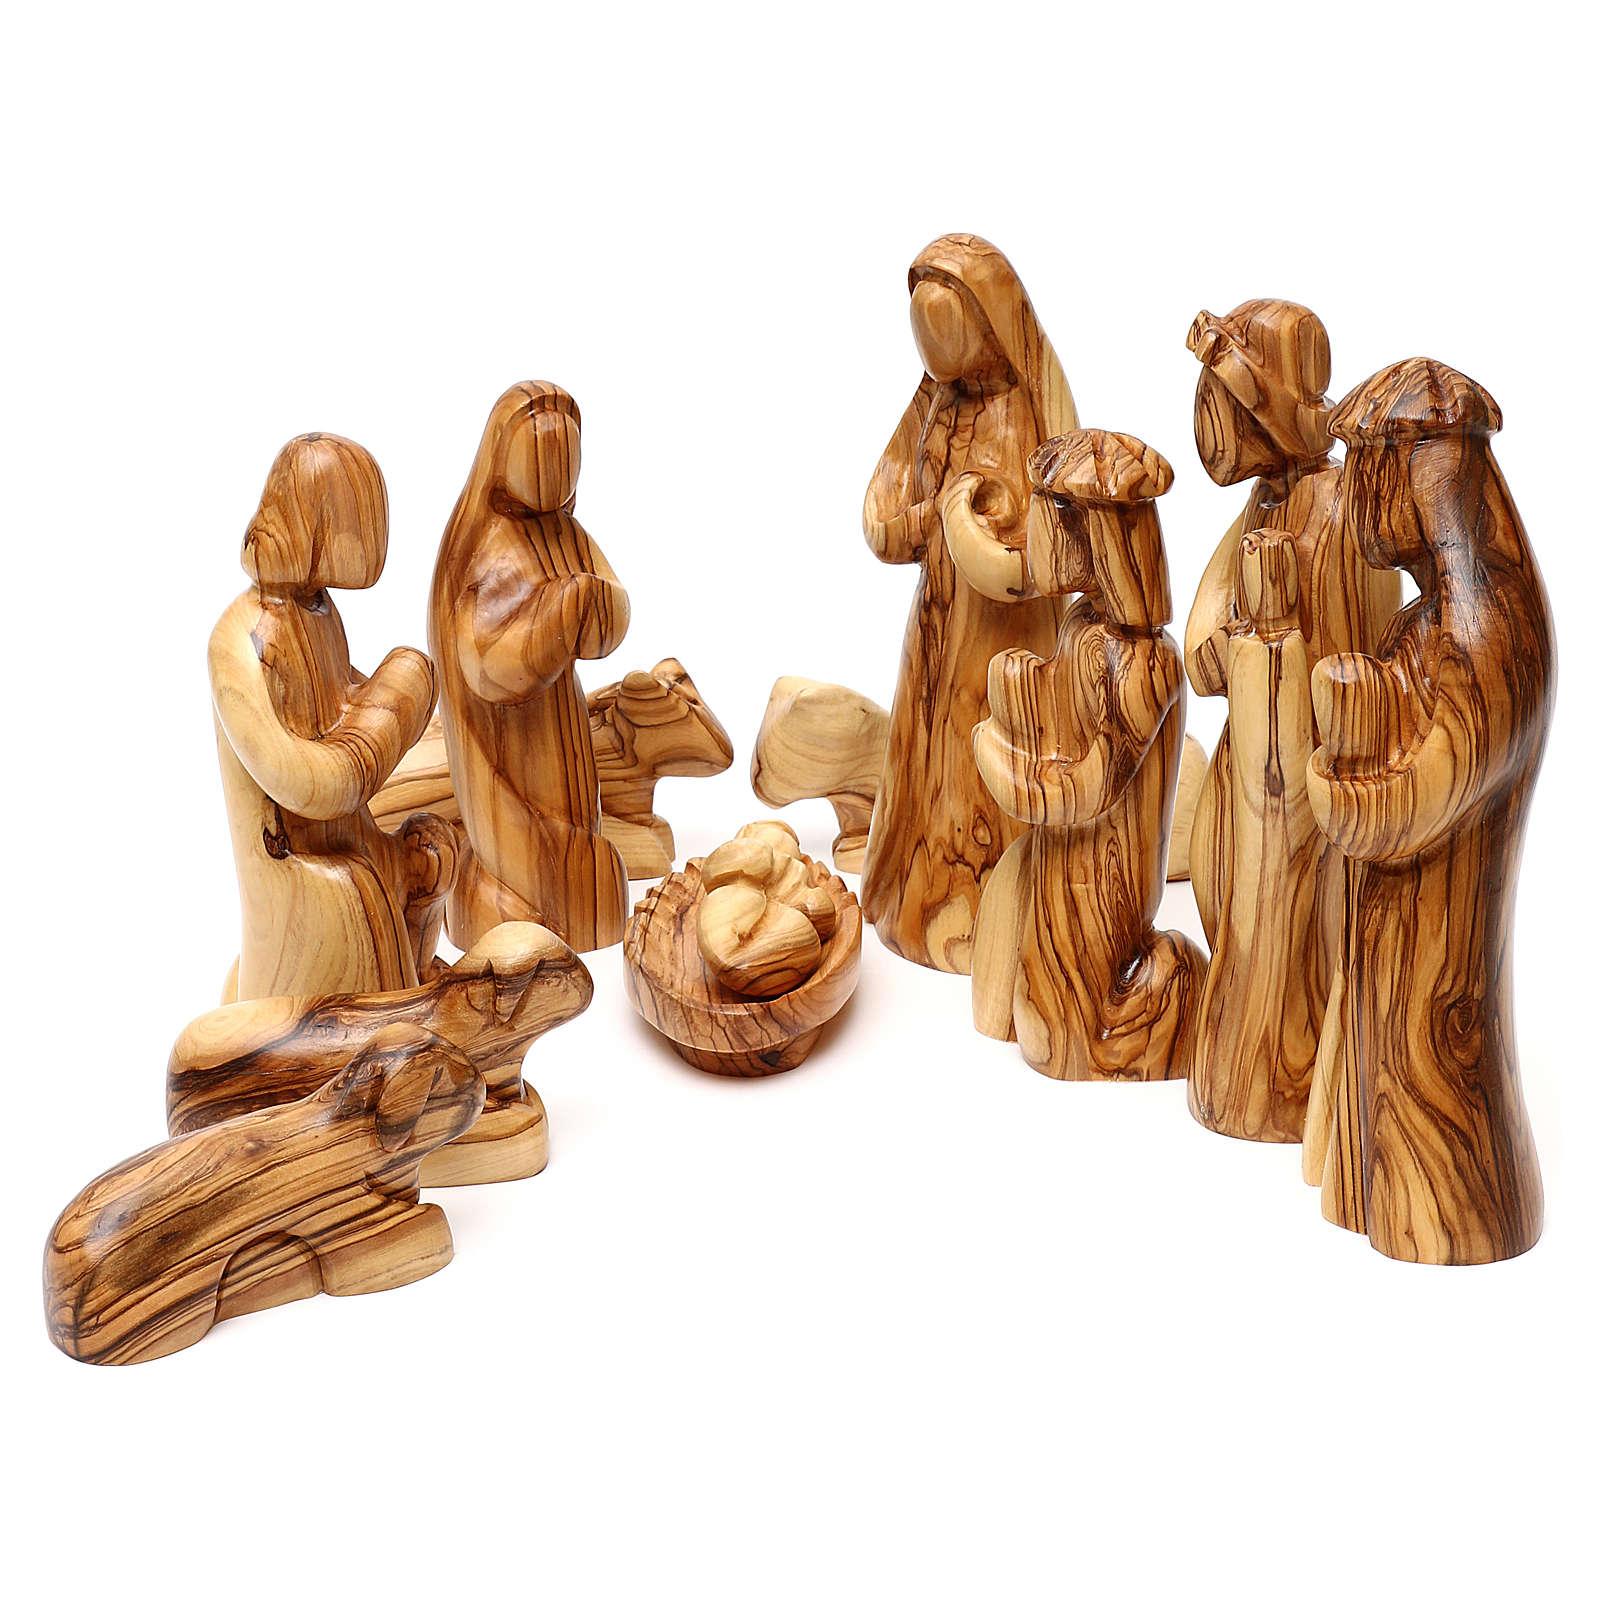 Set Natividad 12 piezas de madera de olivo de Belén 36 cm 4